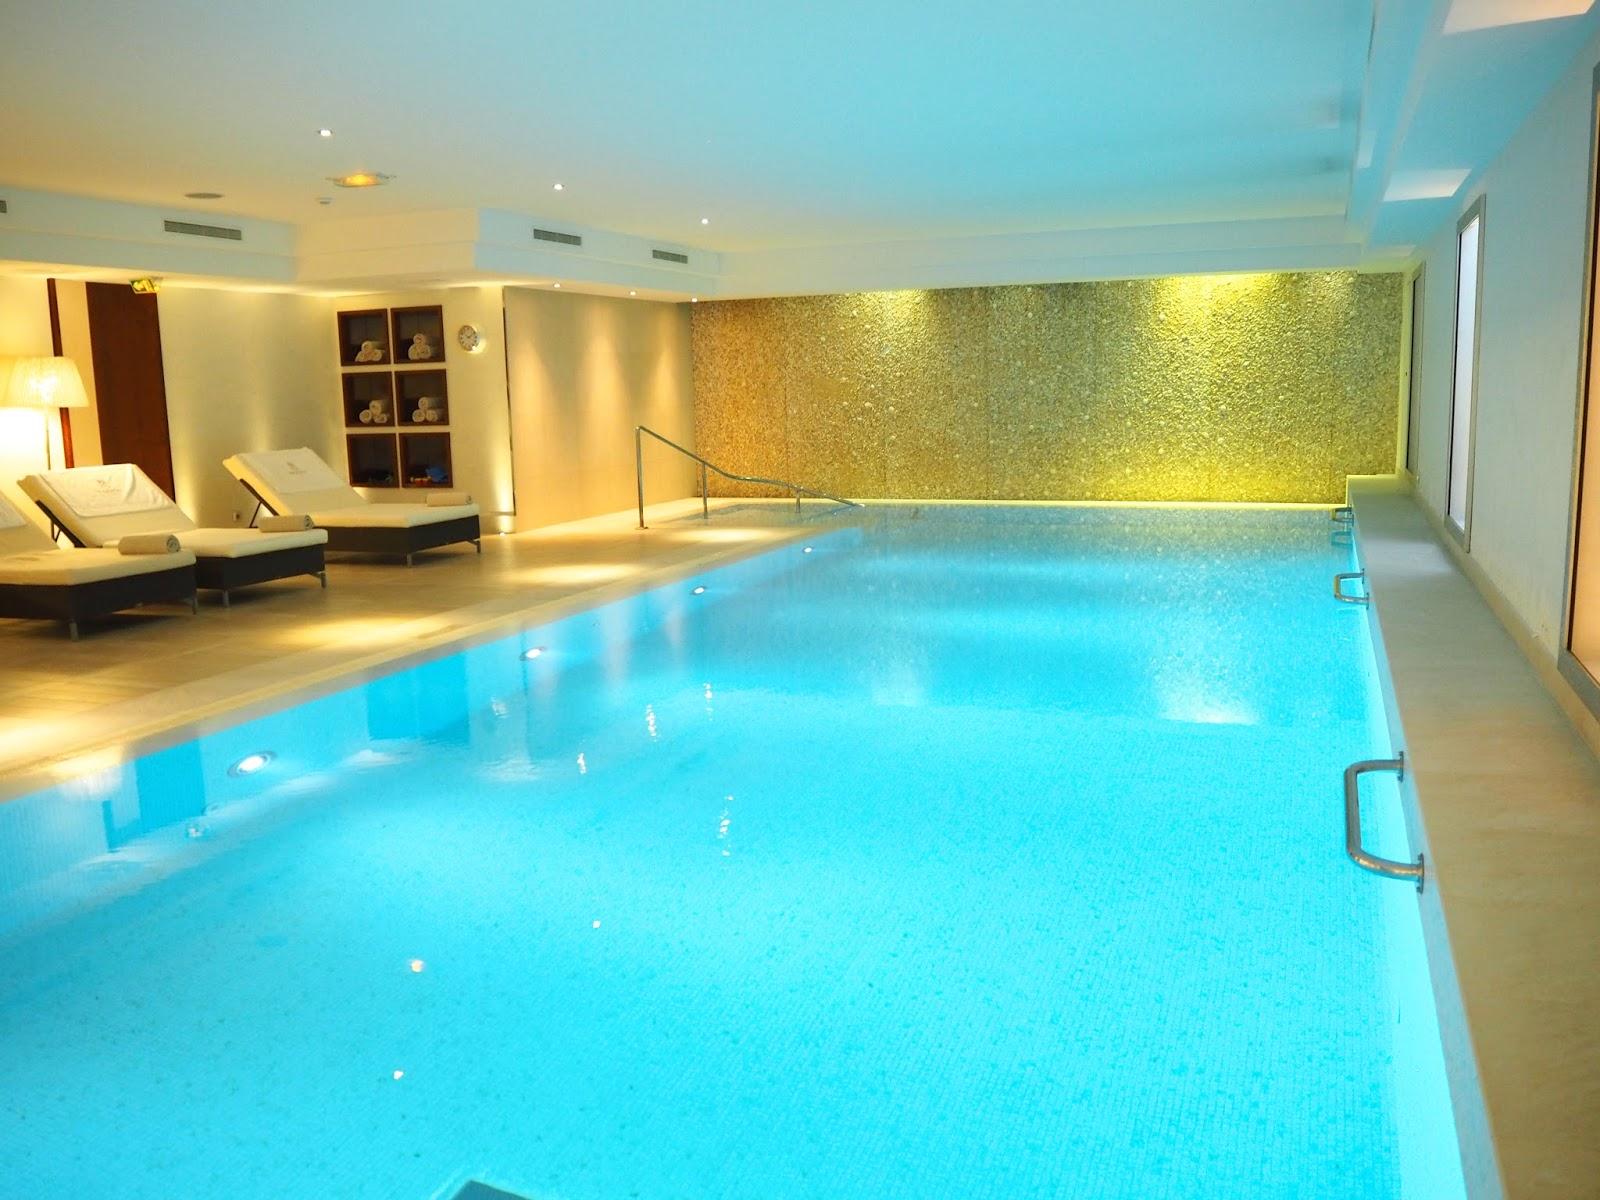 piscine majestic hotel-spa paris